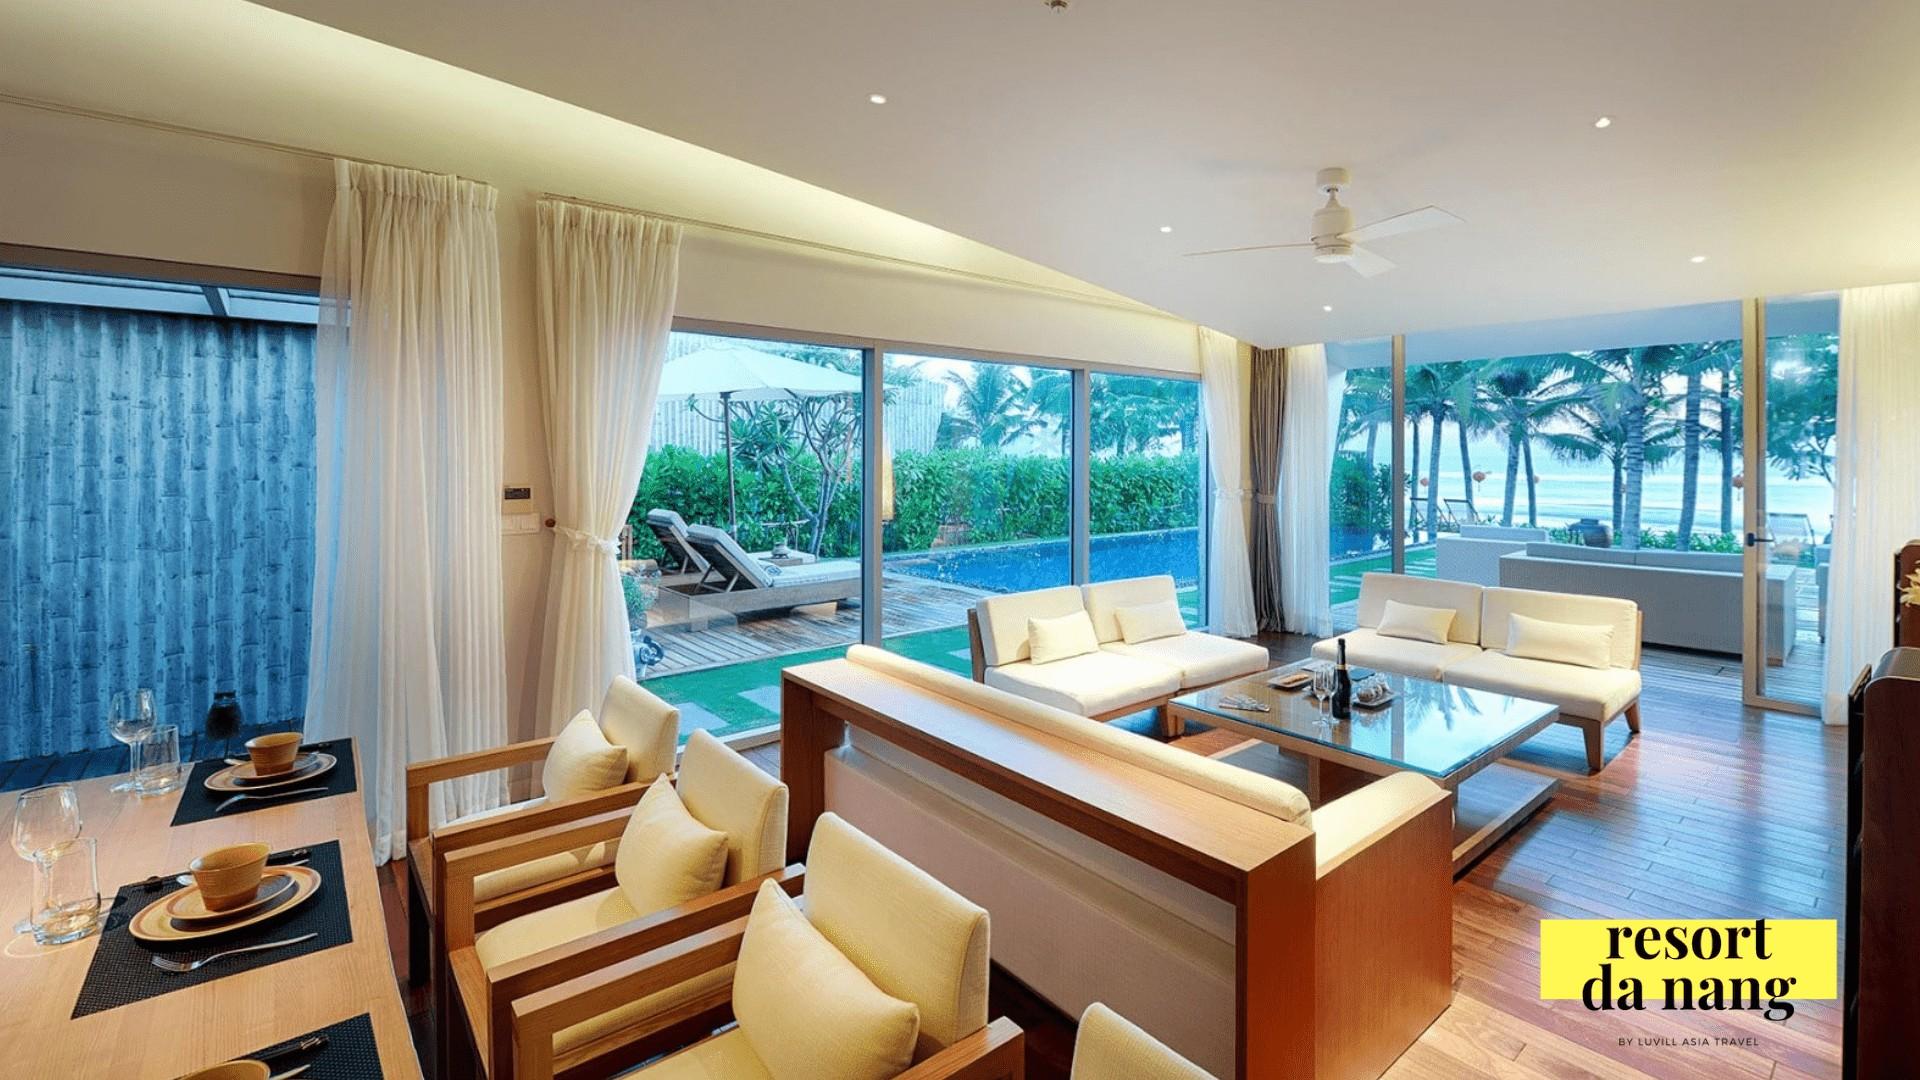 Không gian nghỉ dưỡng sang trọng tại Naman Resort Đà Nẵng